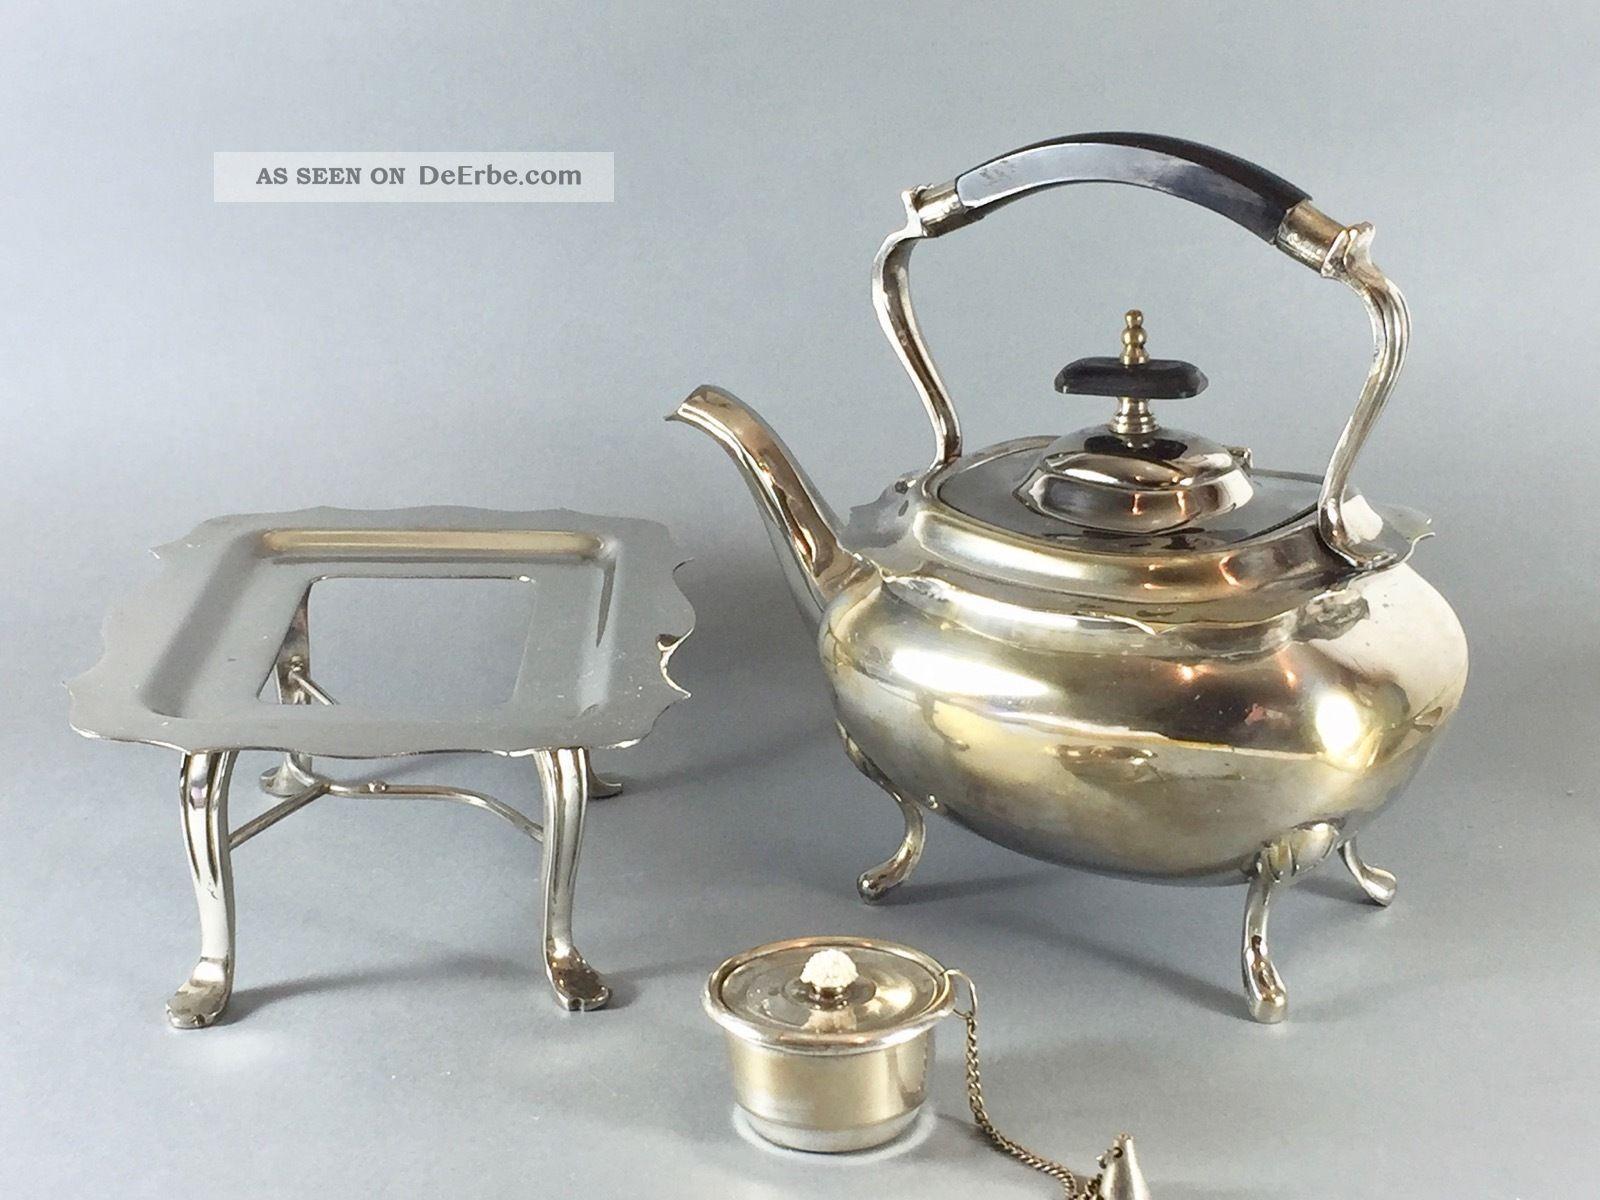 Teekessel Auf Rechaud - Versilbert Objekte vor 1945 Bild